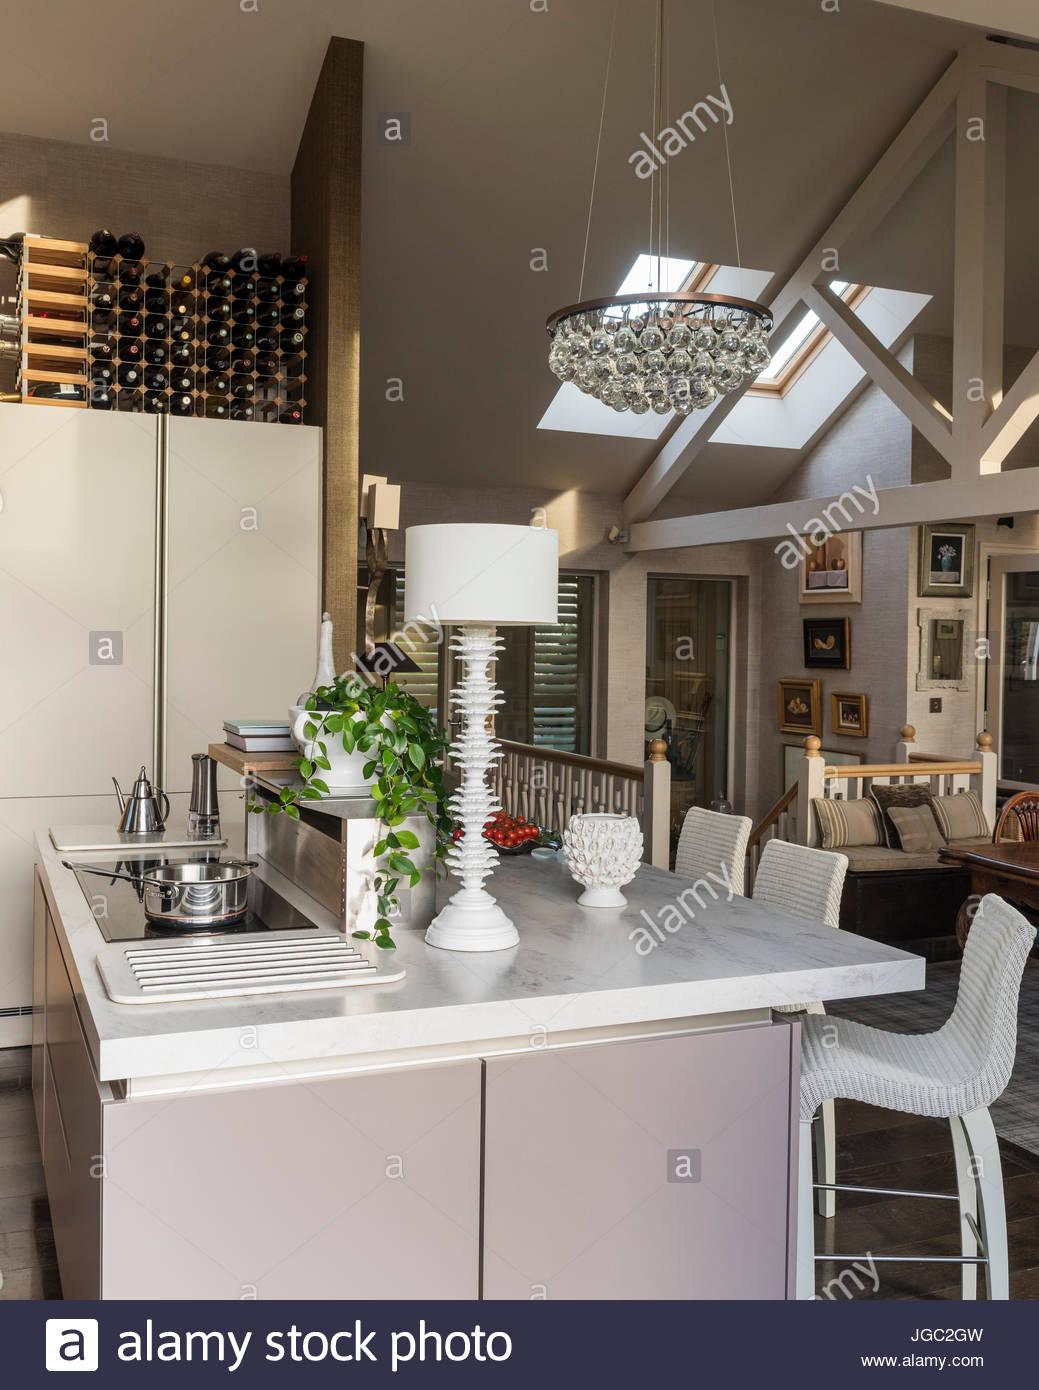 Glühbirne-Anhänger und Weinregal über Frühstücksbar in a-förmige Küche Stockbild